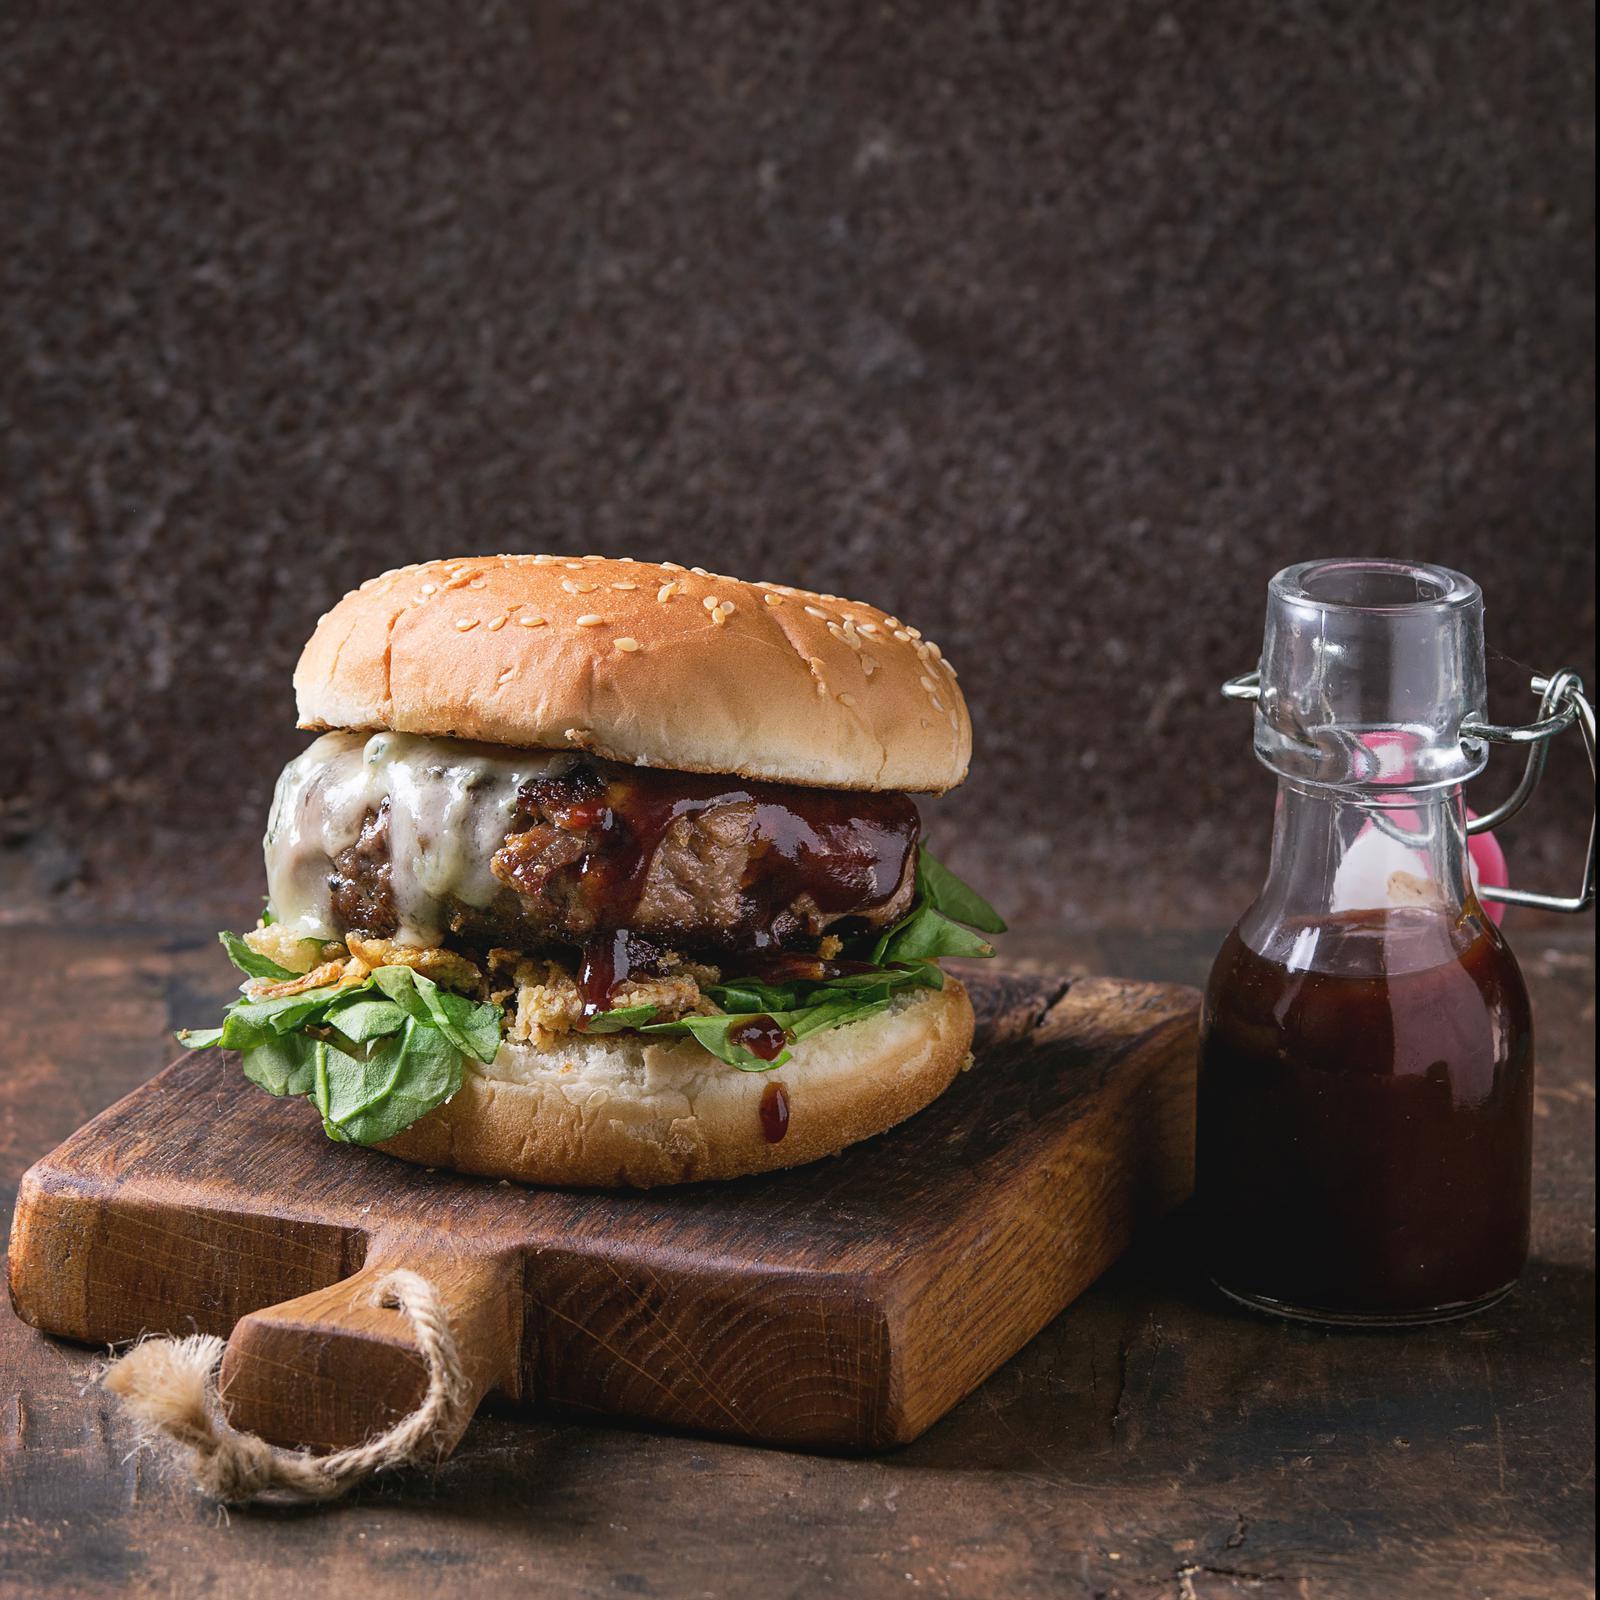 Burgers de bœuf, sauce crémeuse au fromage bleu et aux champignons portobellos